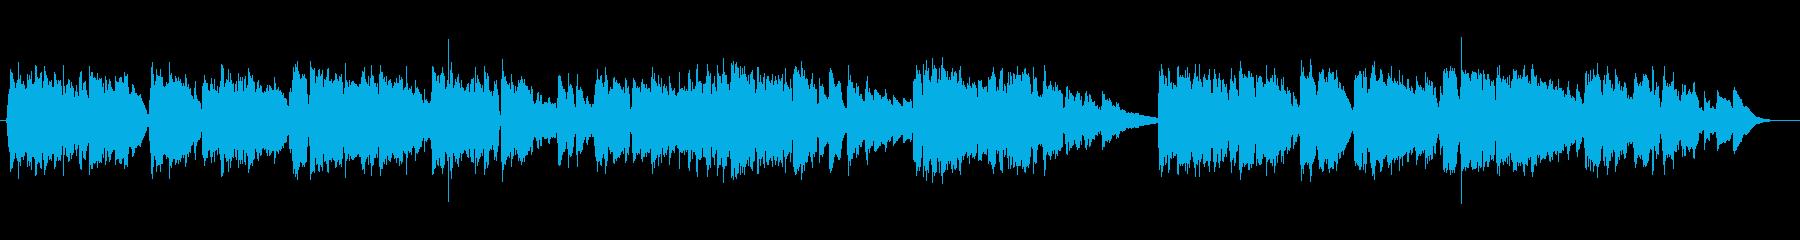 英語洋楽:静かな純愛バラード・アコギ独唱の再生済みの波形